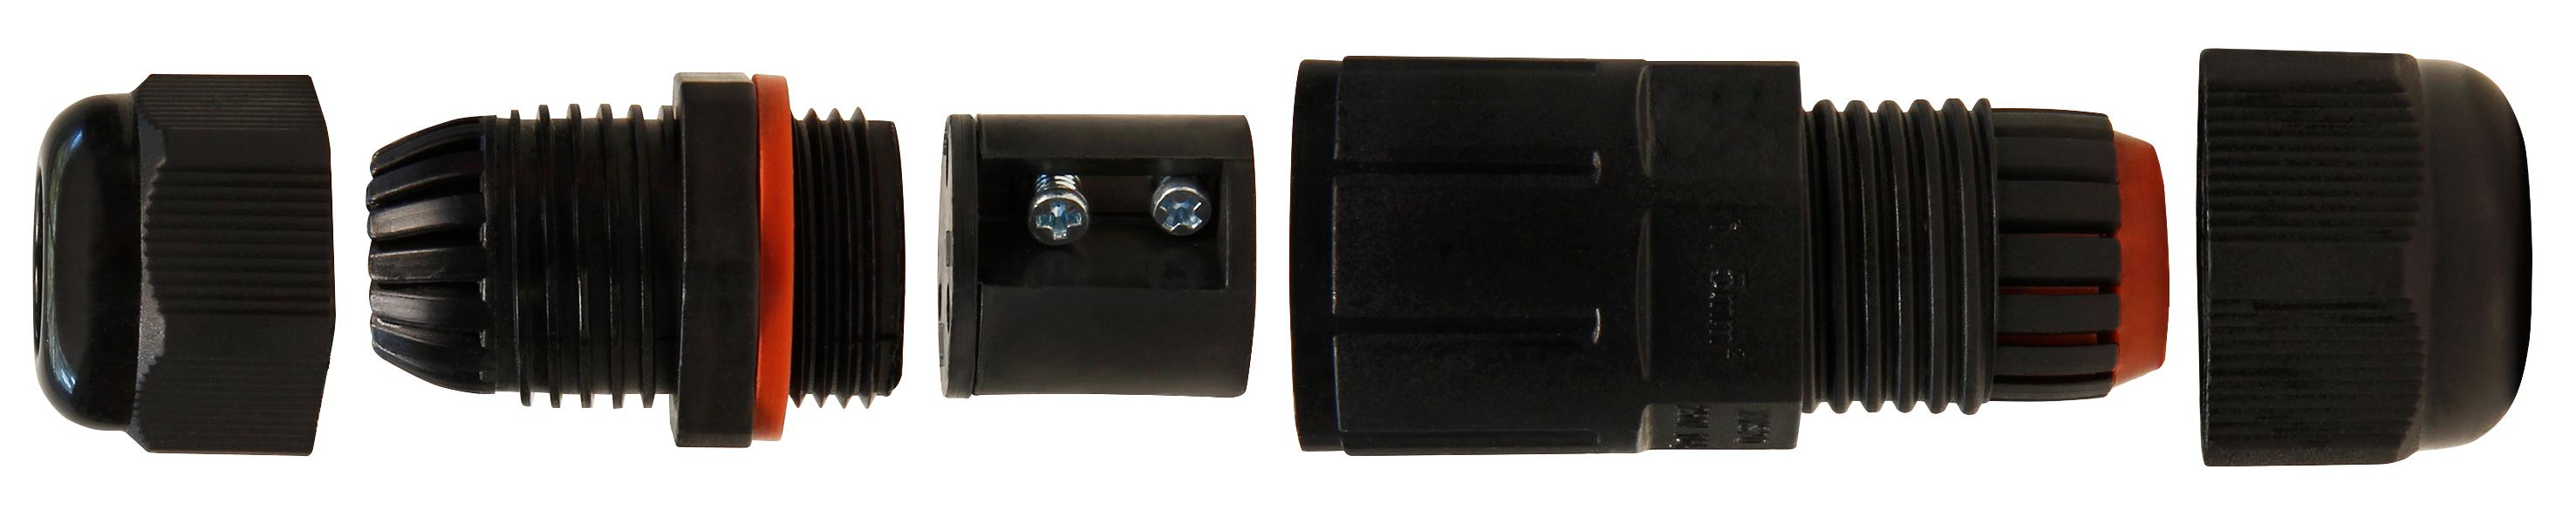 Kabelverbinder McPower, LxØ 78x26mm, IP68 - wasserdicht, 230V, 3-polig